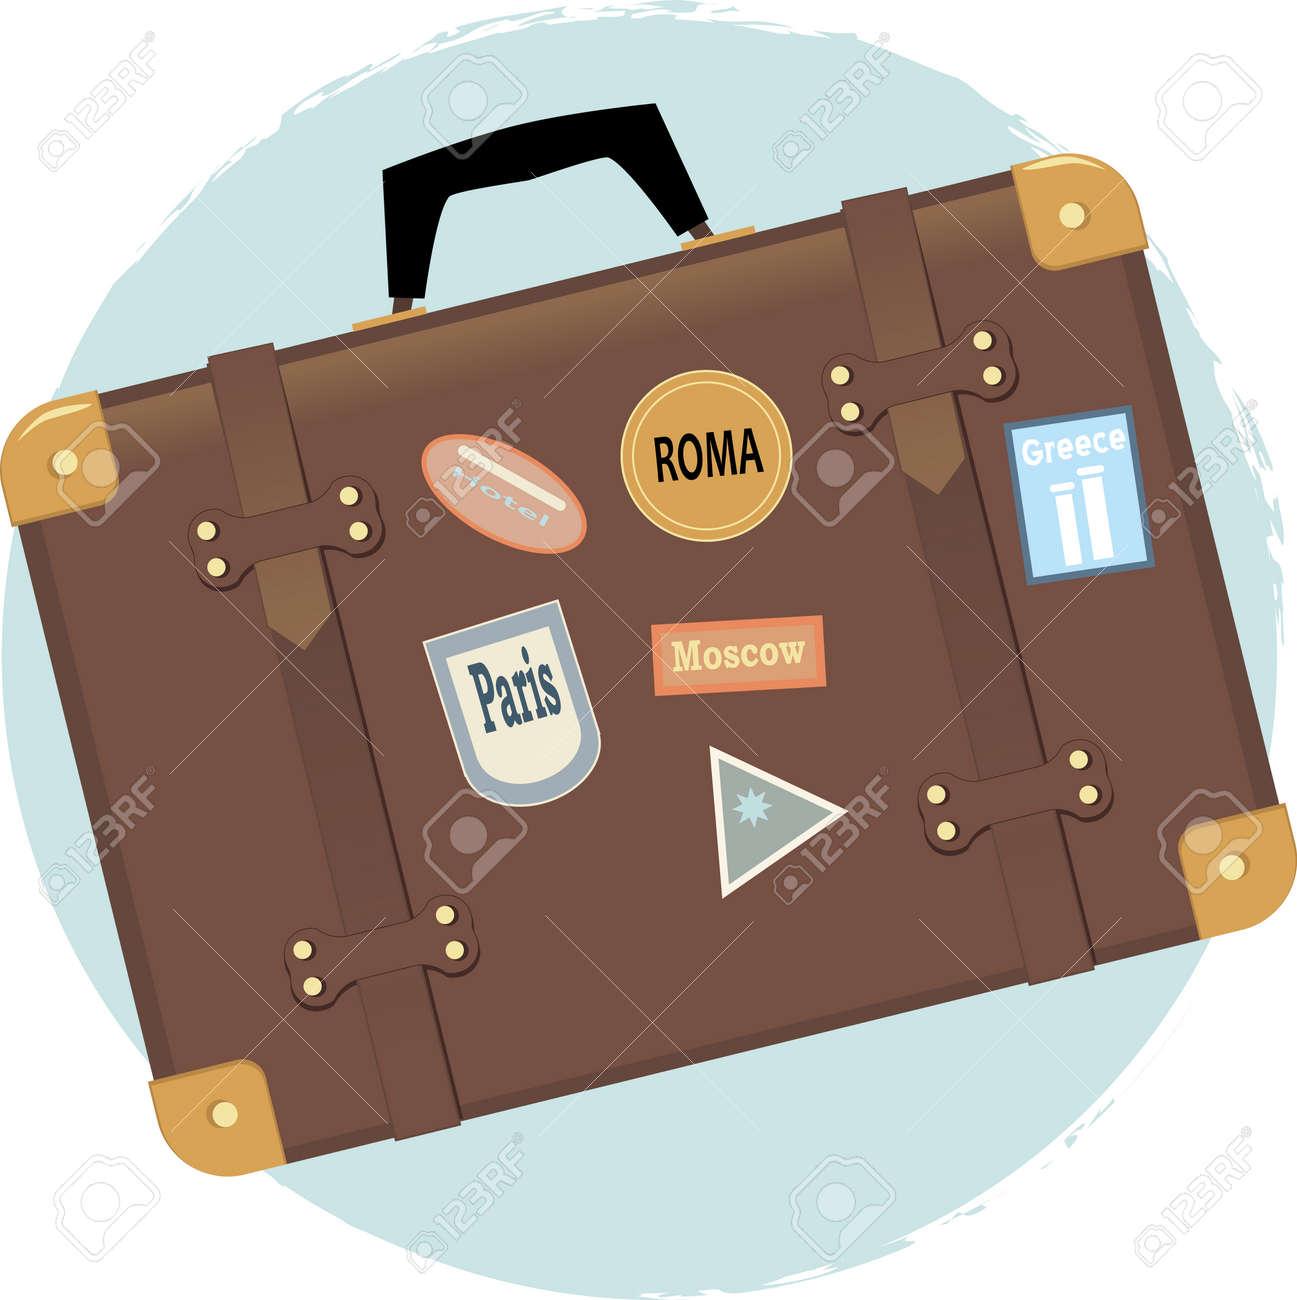 旅行先ラベル ビンテージ スーツケースのベクトル イラスト ロイヤリティ